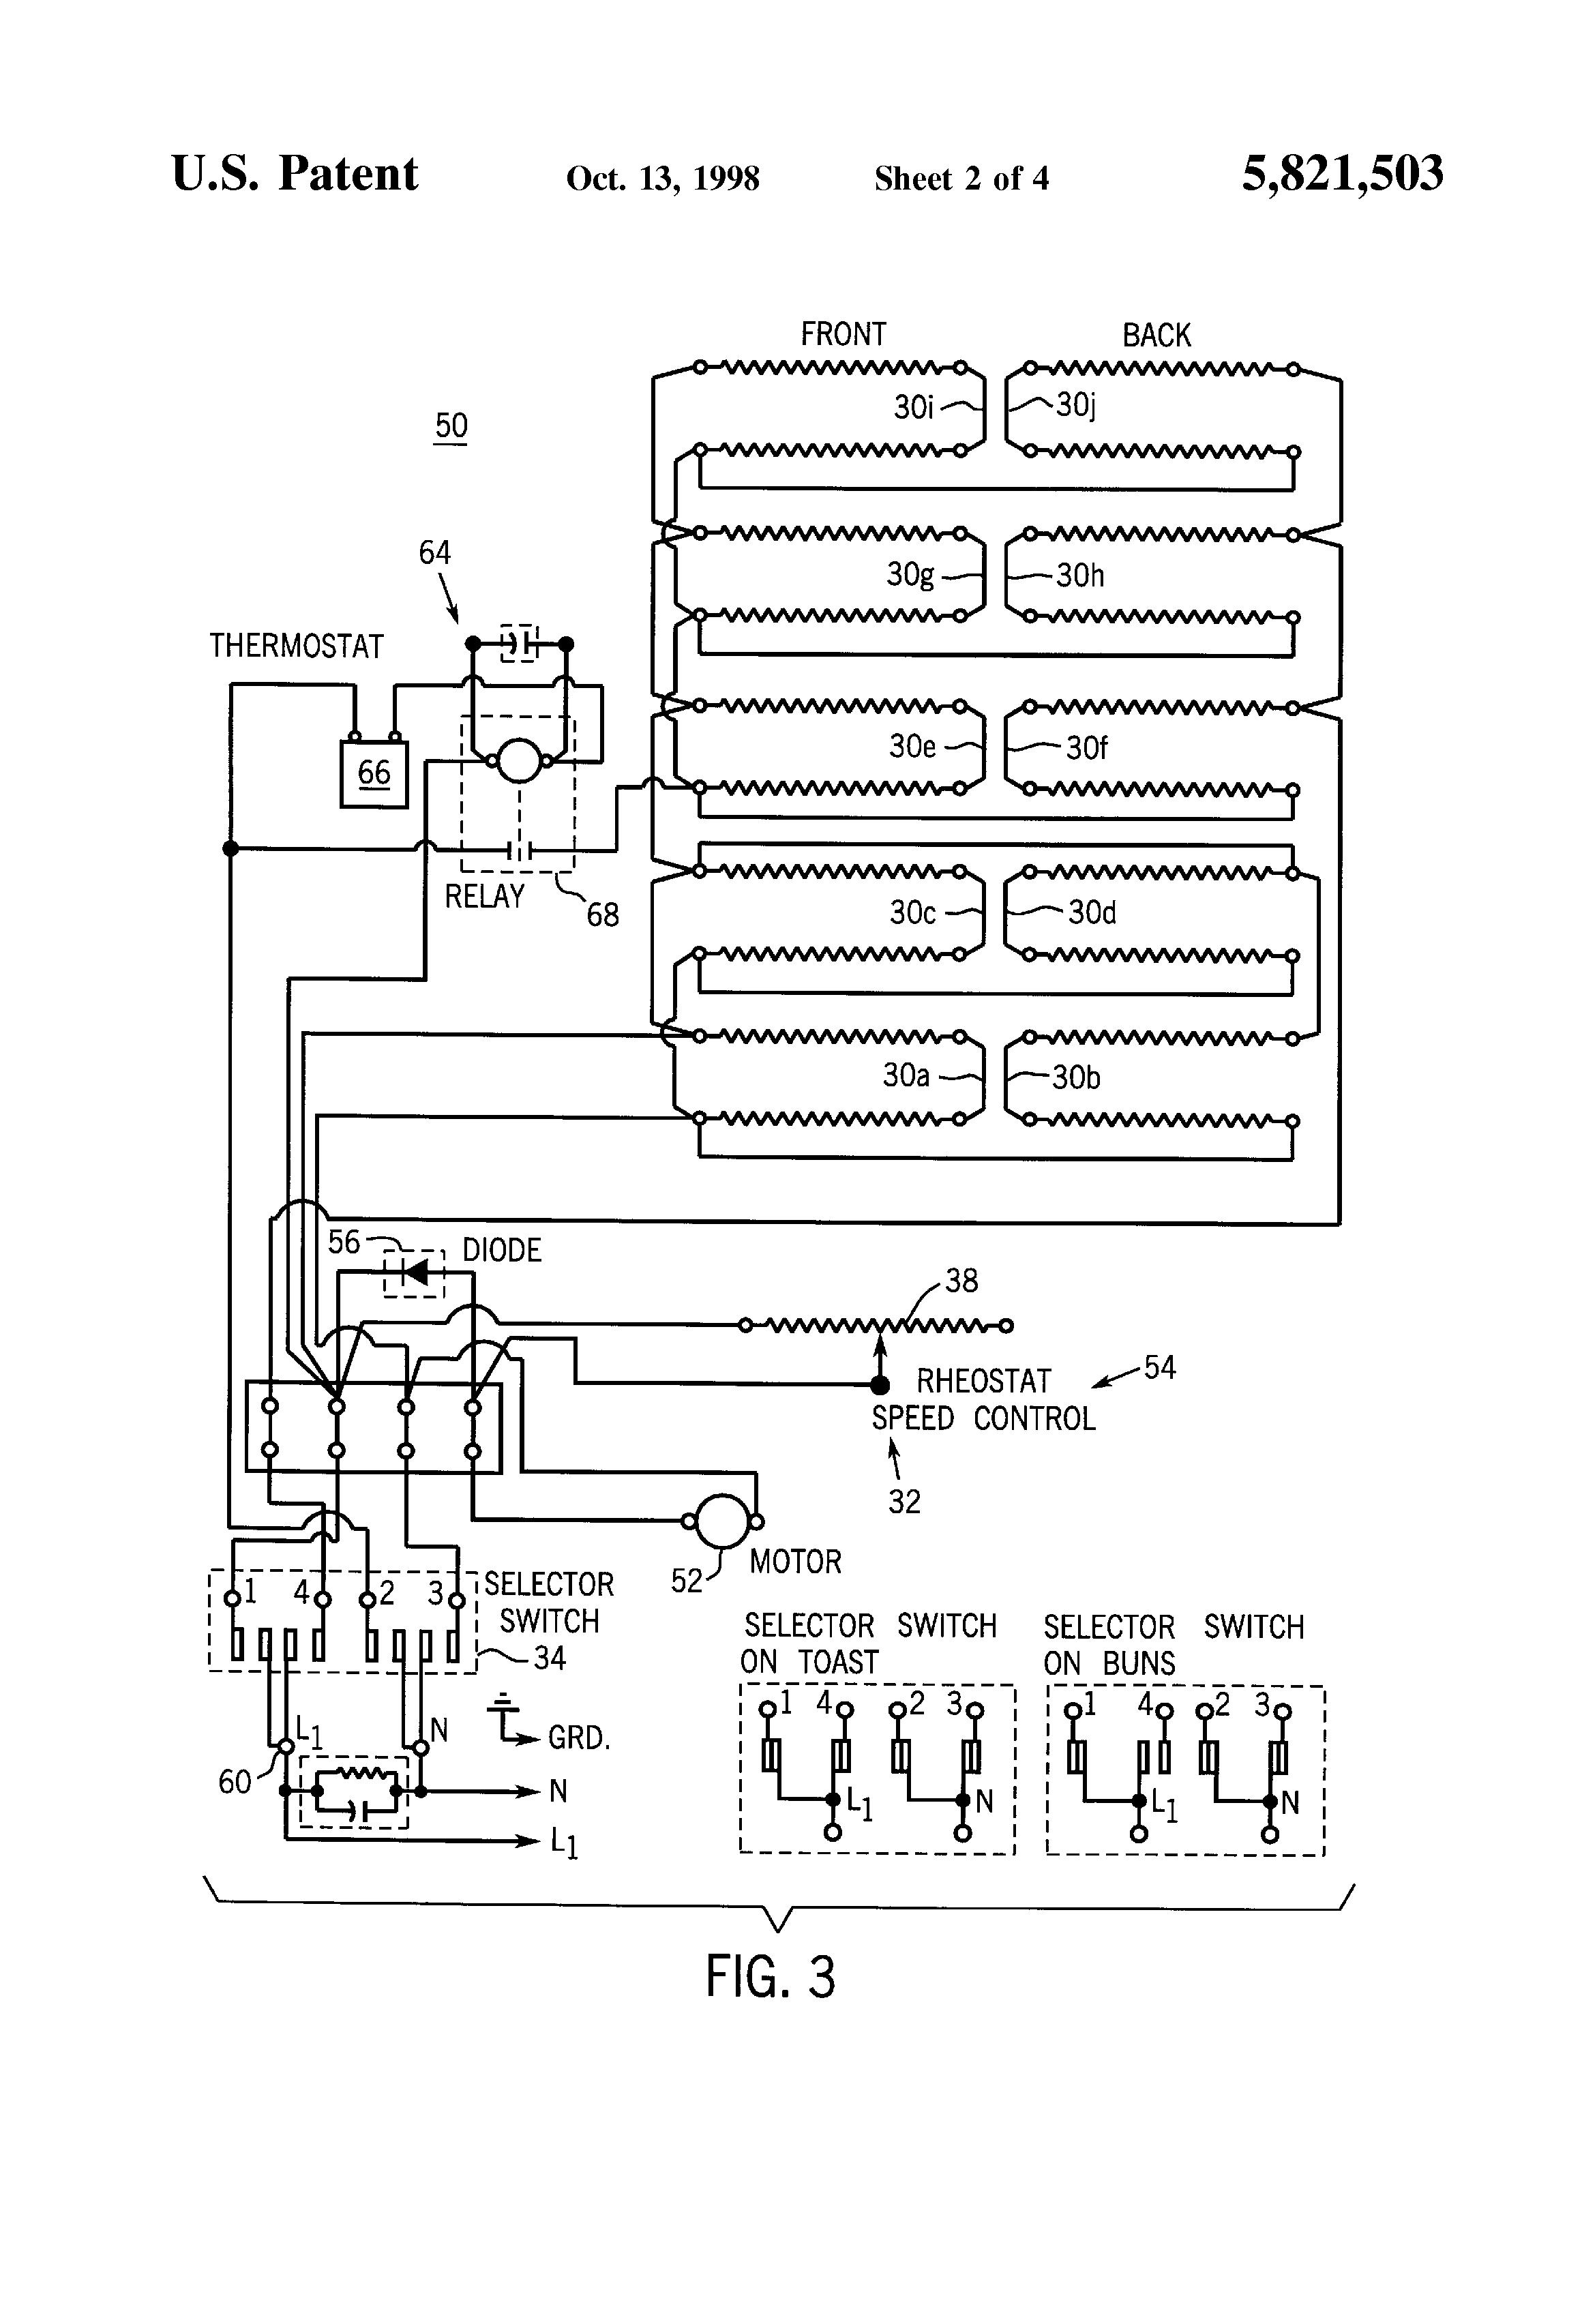 toaster wiring schematic 19 sg dbd de \u2022simple schematic mixers neve  summing mixer schematic t800